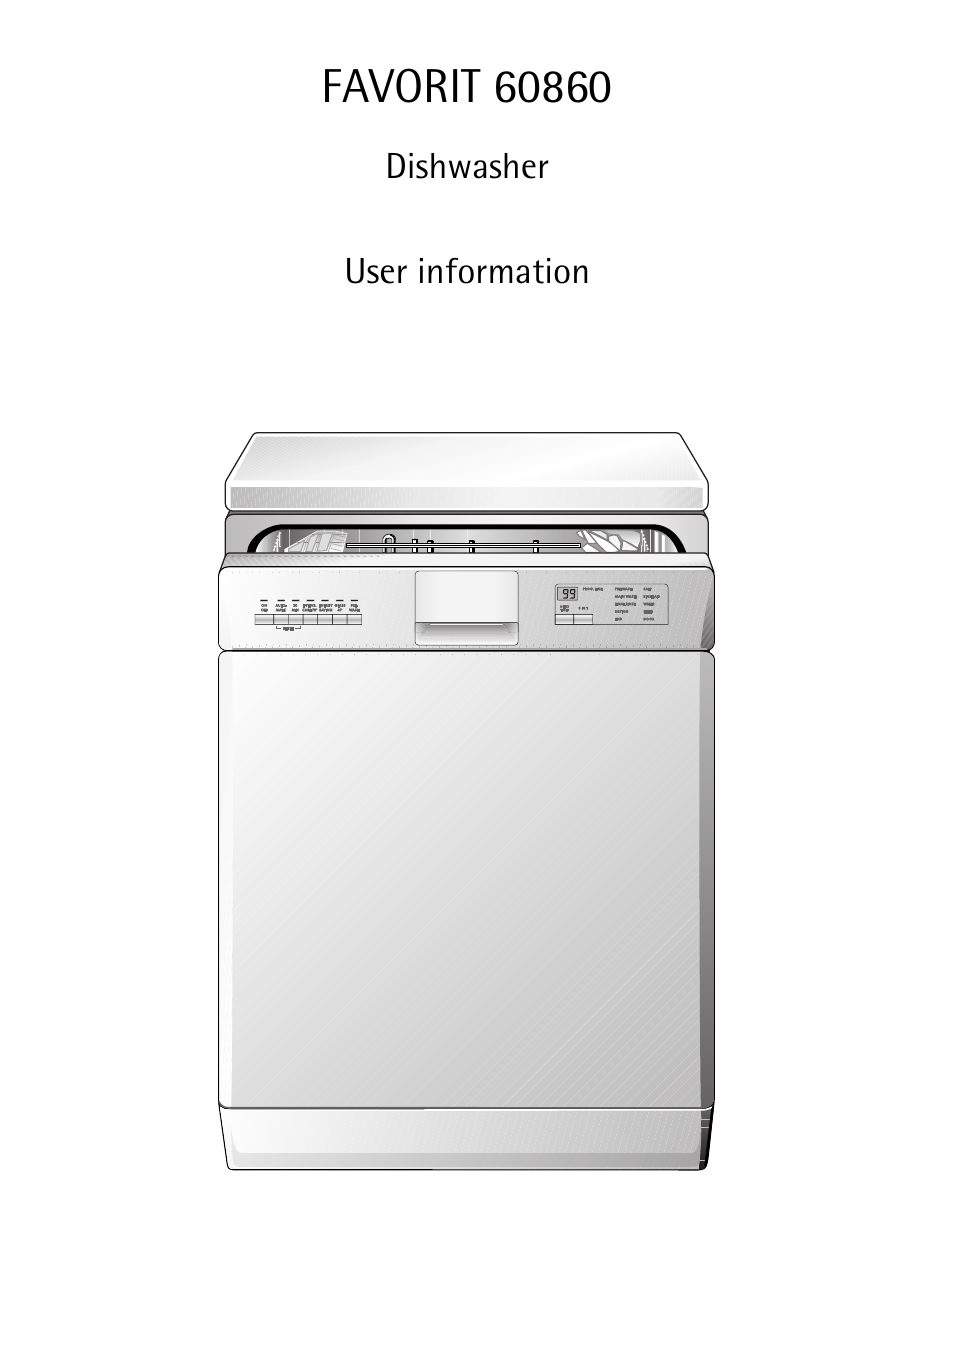 aeg favorit 60860 user manual 48 pages rh manualsdir com aeg electrolux favorit sensorlogic dishwasher user manual aeg favorit sensorlogic dishwasher instruction manual